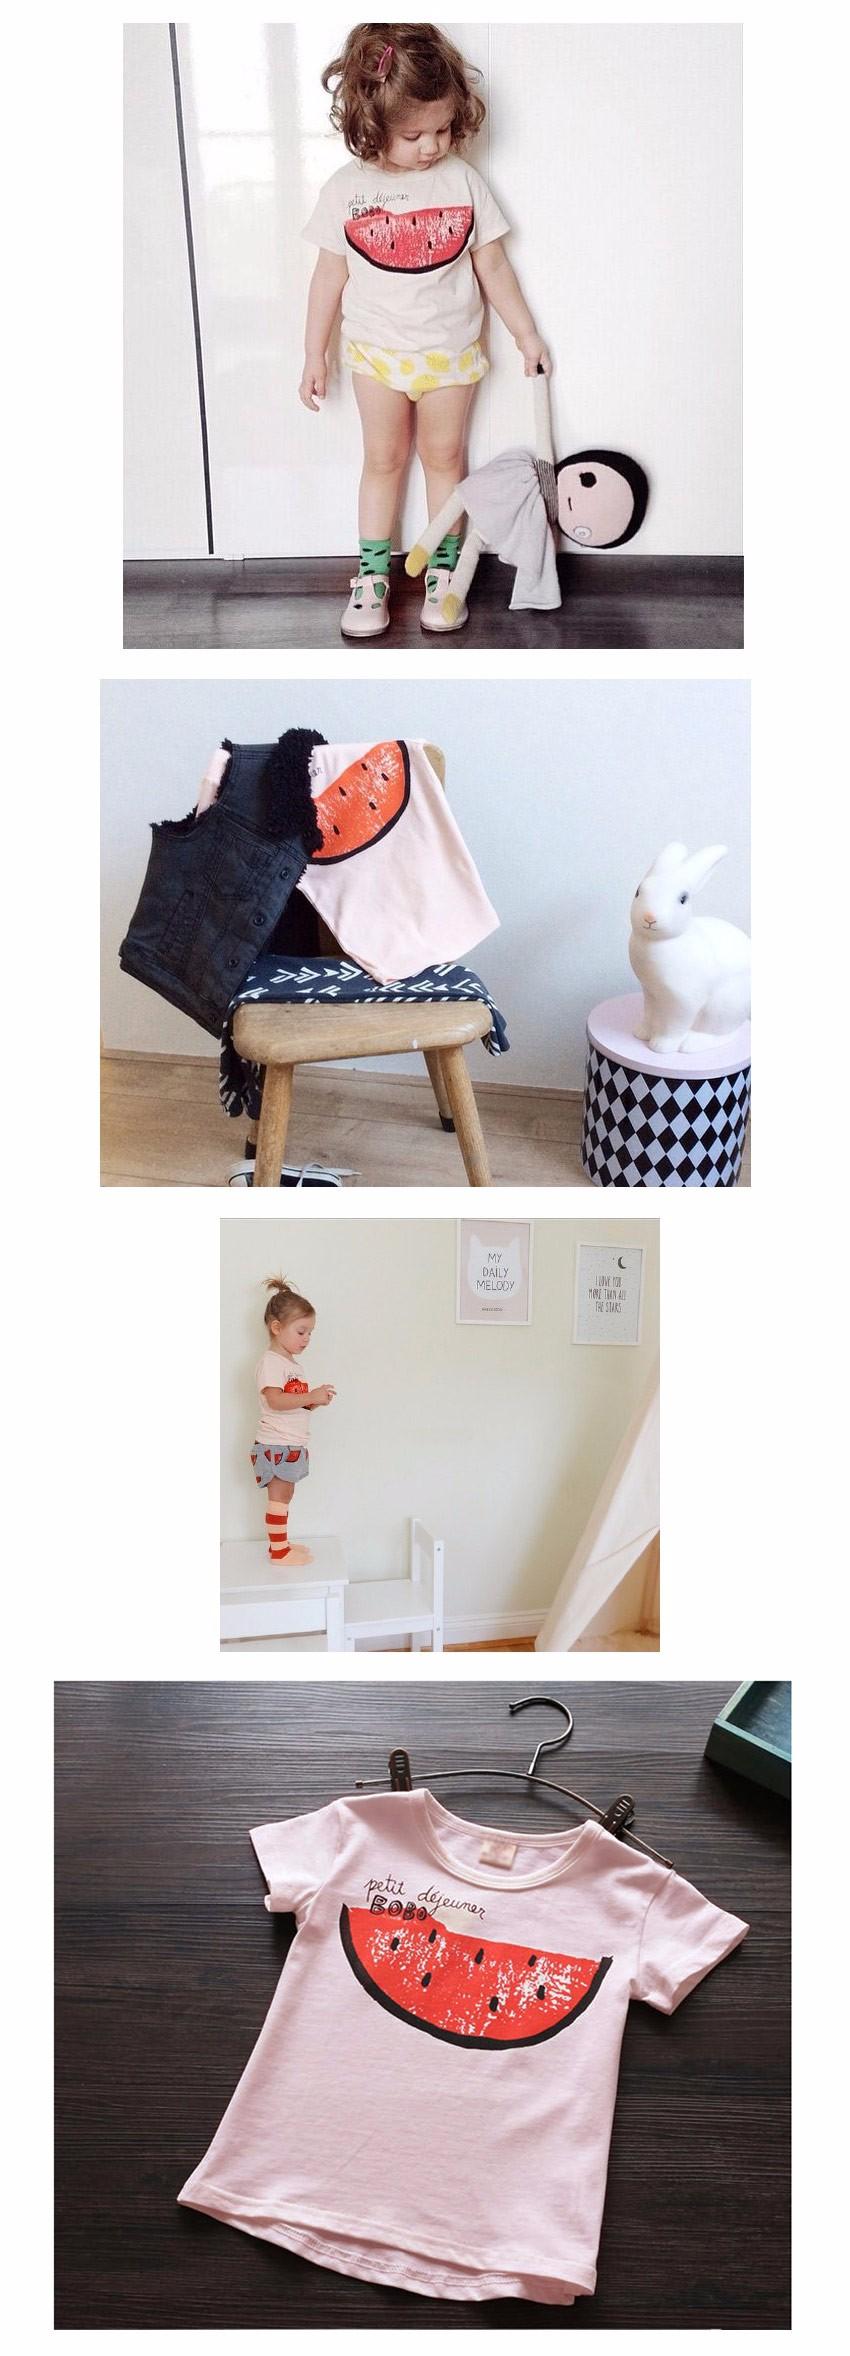 ОформРение арбуз девушка футбоРки короткий рукав детская одежда